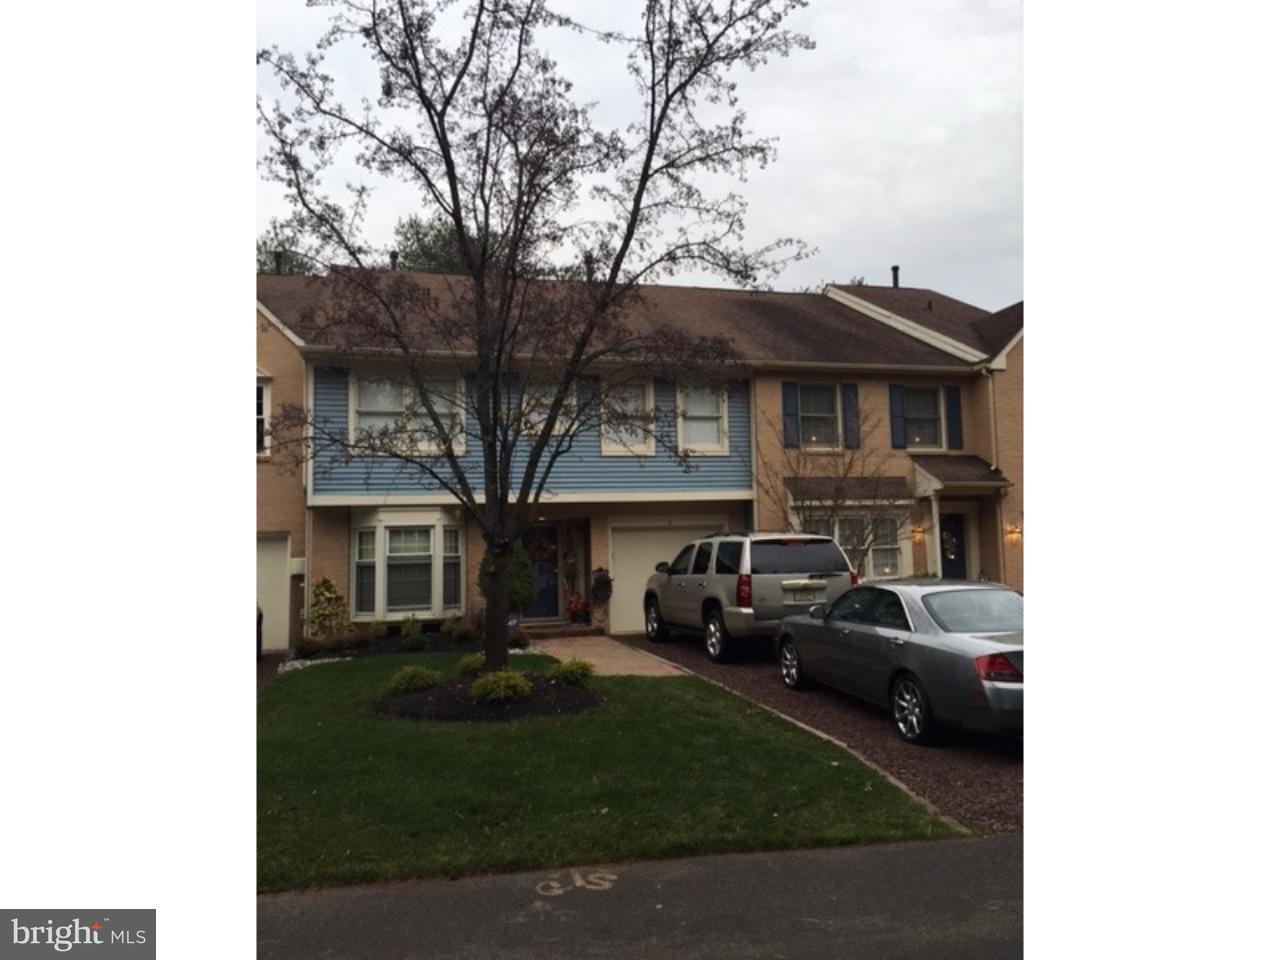 联栋屋 为 出租 在 3 MAJESTIC WAY Marlton, 新泽西州 08053 美国